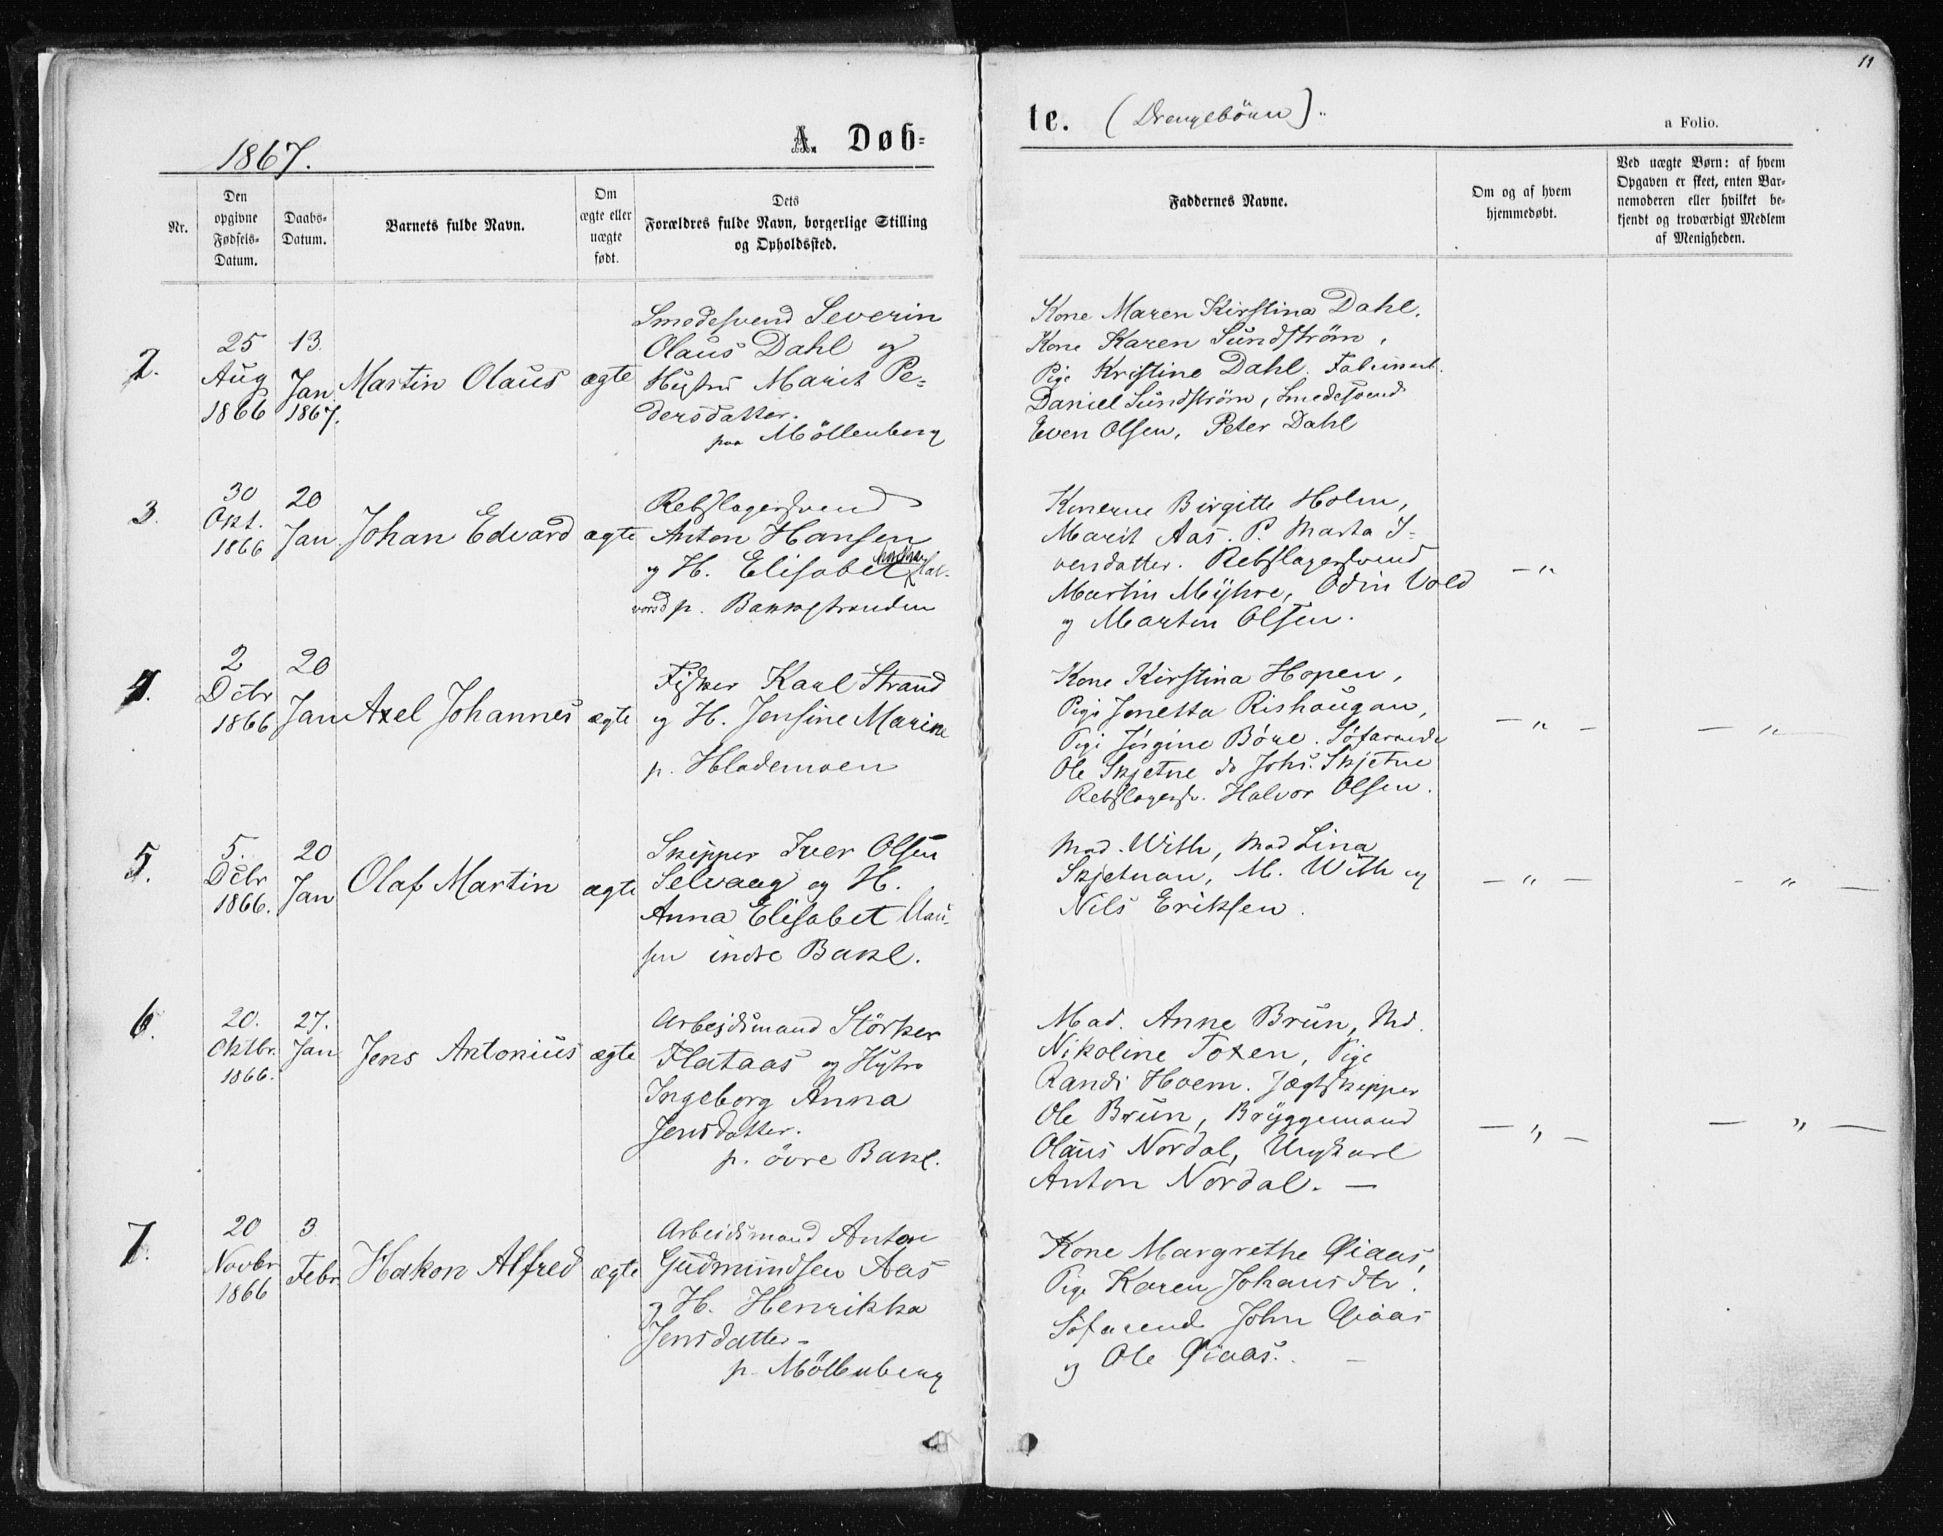 SAT, Ministerialprotokoller, klokkerbøker og fødselsregistre - Sør-Trøndelag, 604/L0186: Ministerialbok nr. 604A07, 1866-1877, s. 11